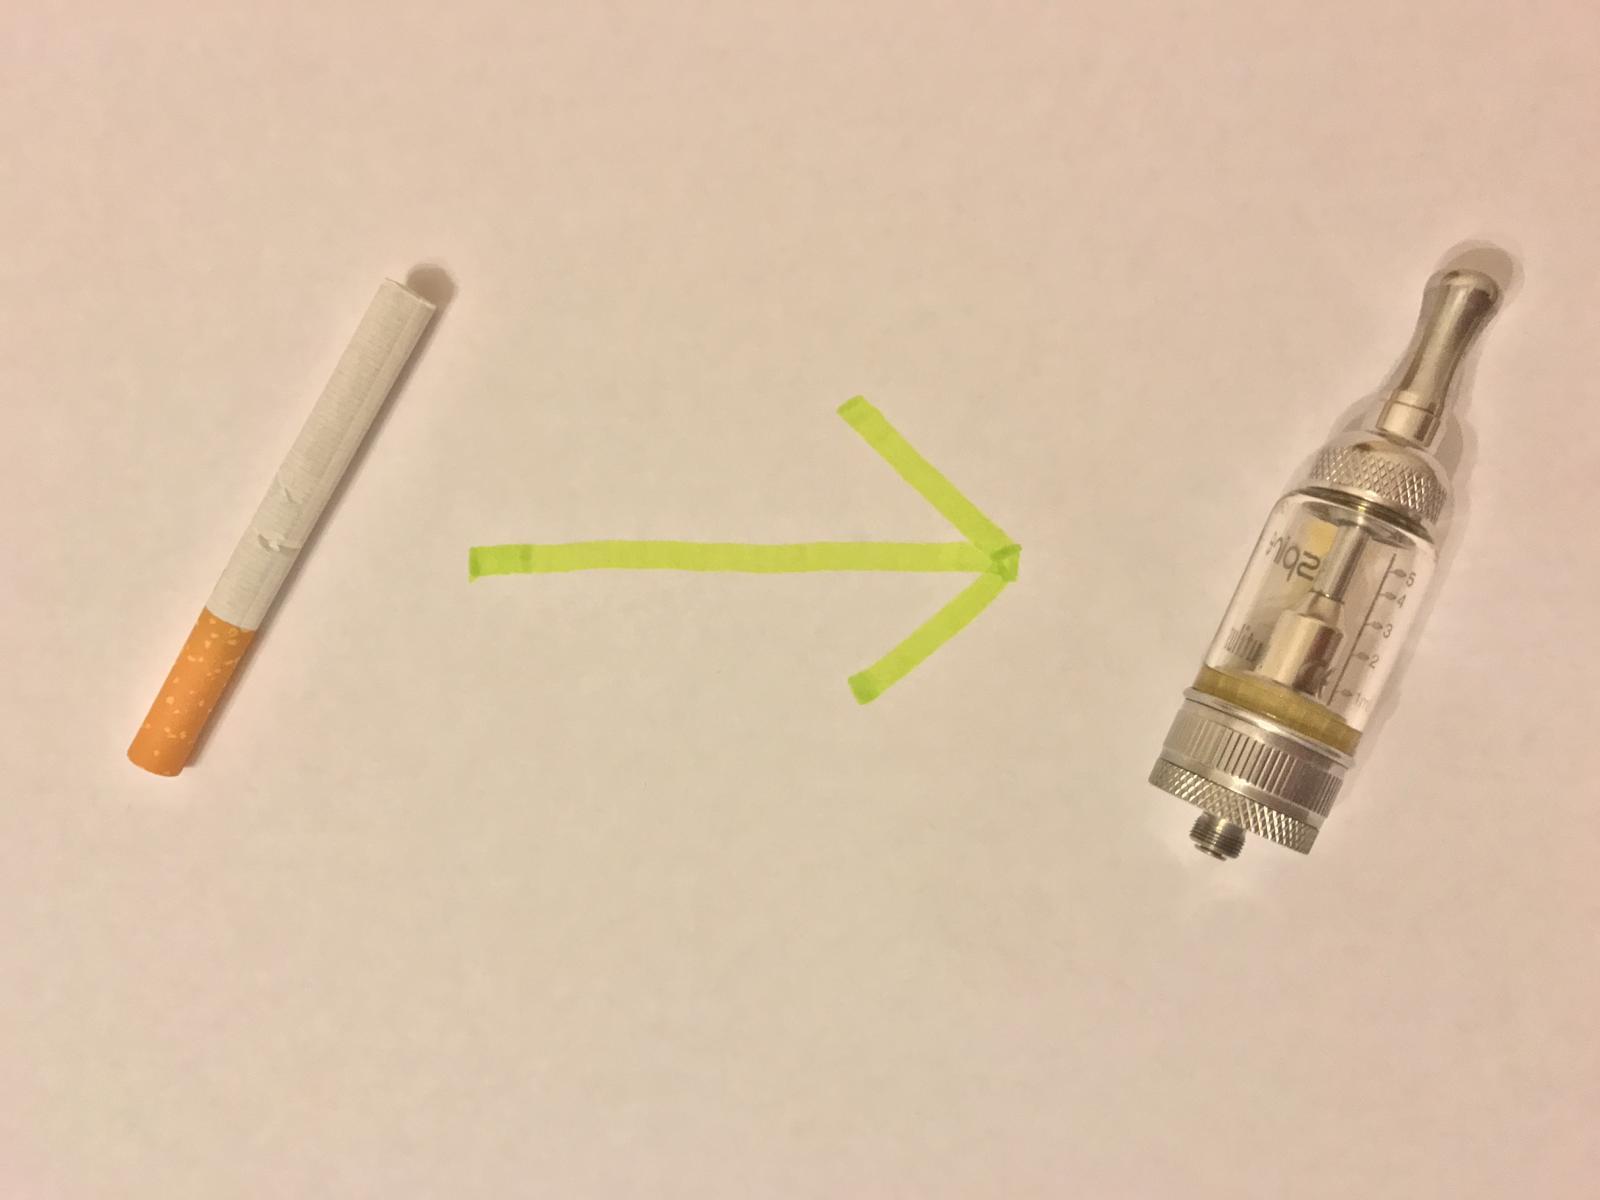 dampfen statt rauchen so schaffst du den umstieg e zigaretten magazin f r dampfer. Black Bedroom Furniture Sets. Home Design Ideas